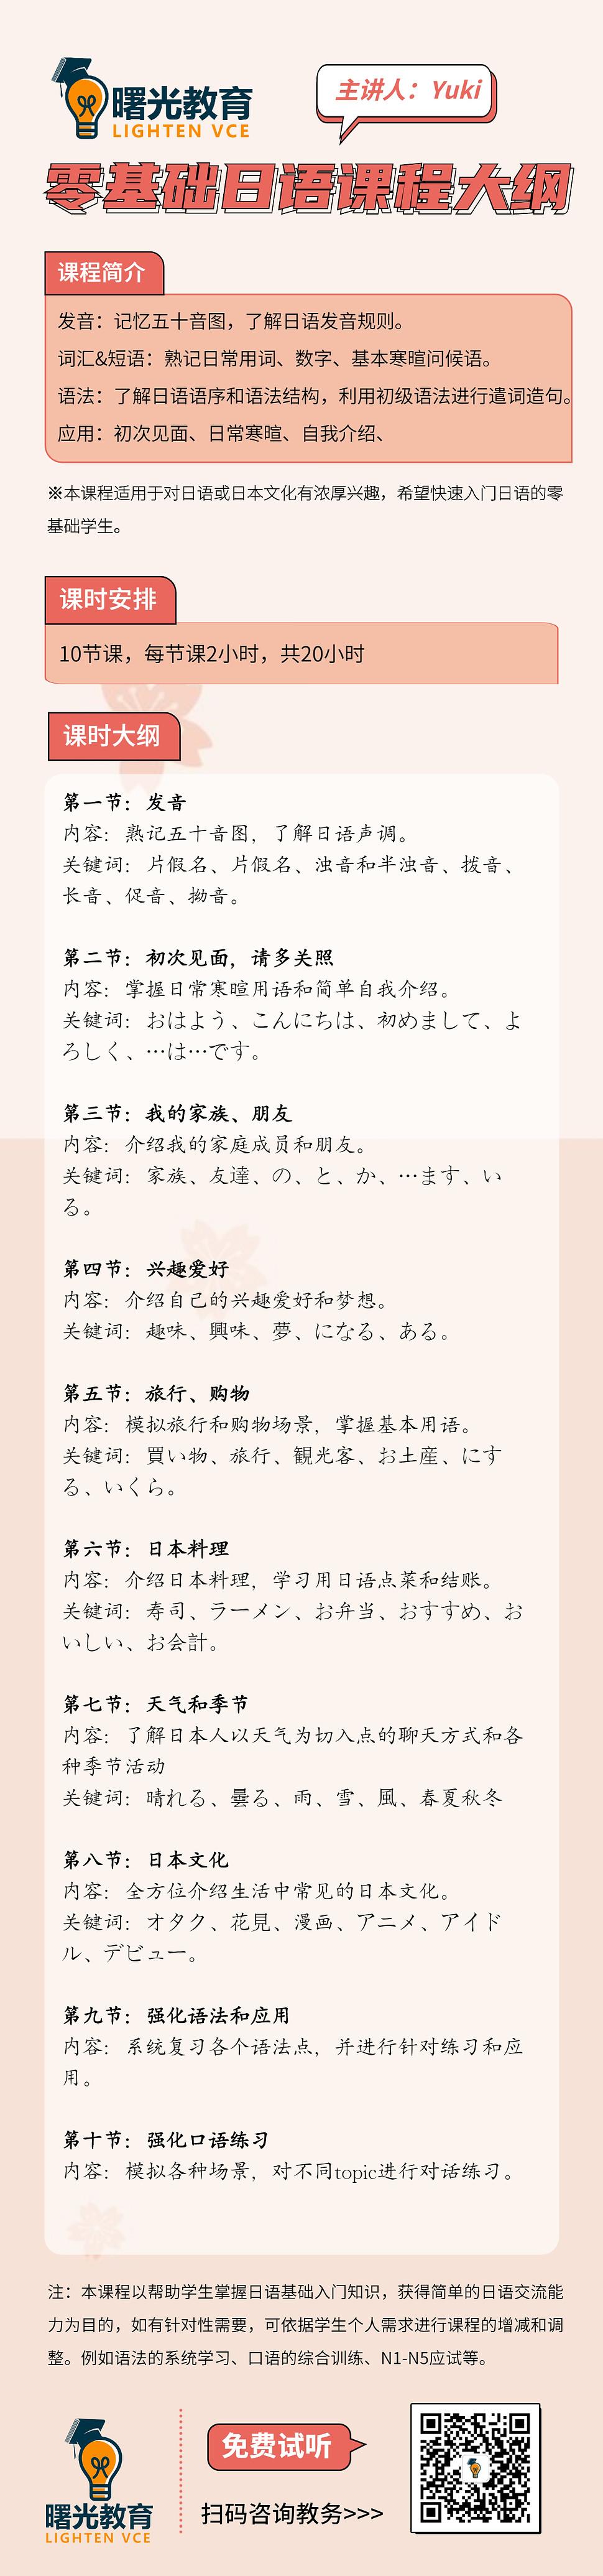 零基础日语教学大纲.jpg